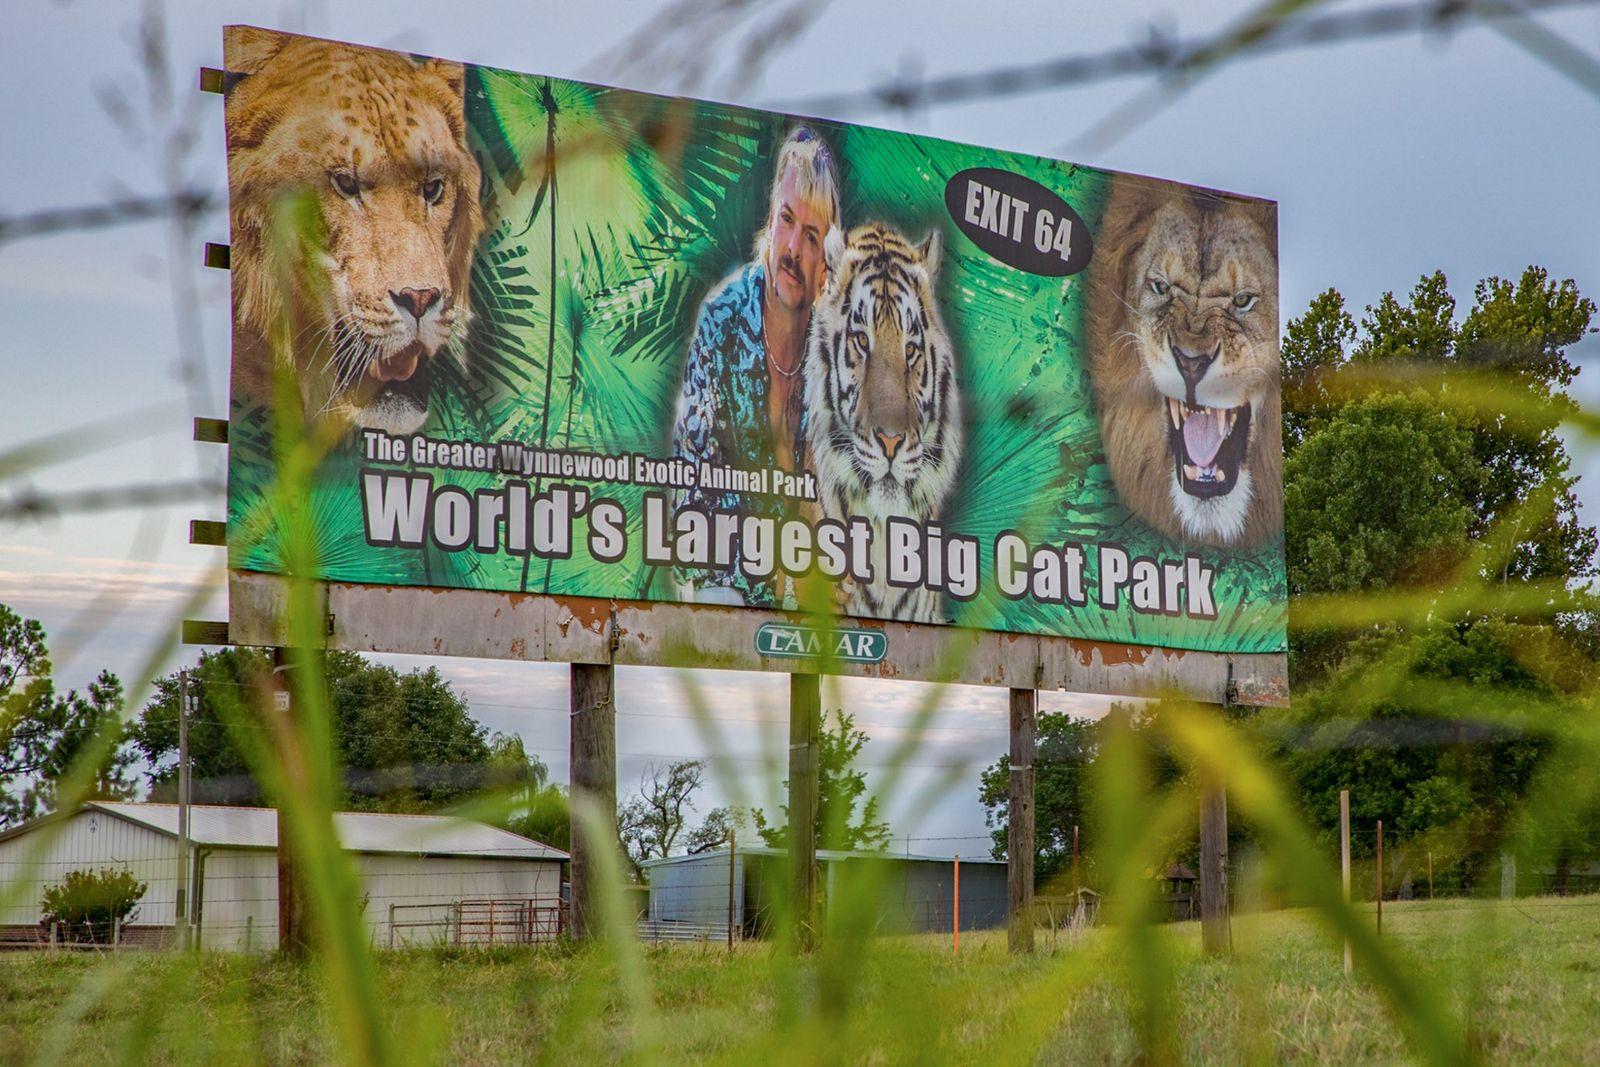 Zoológico de 'Máfia dos Tigres' reabre com multidões – felinos correm risco de contaminação